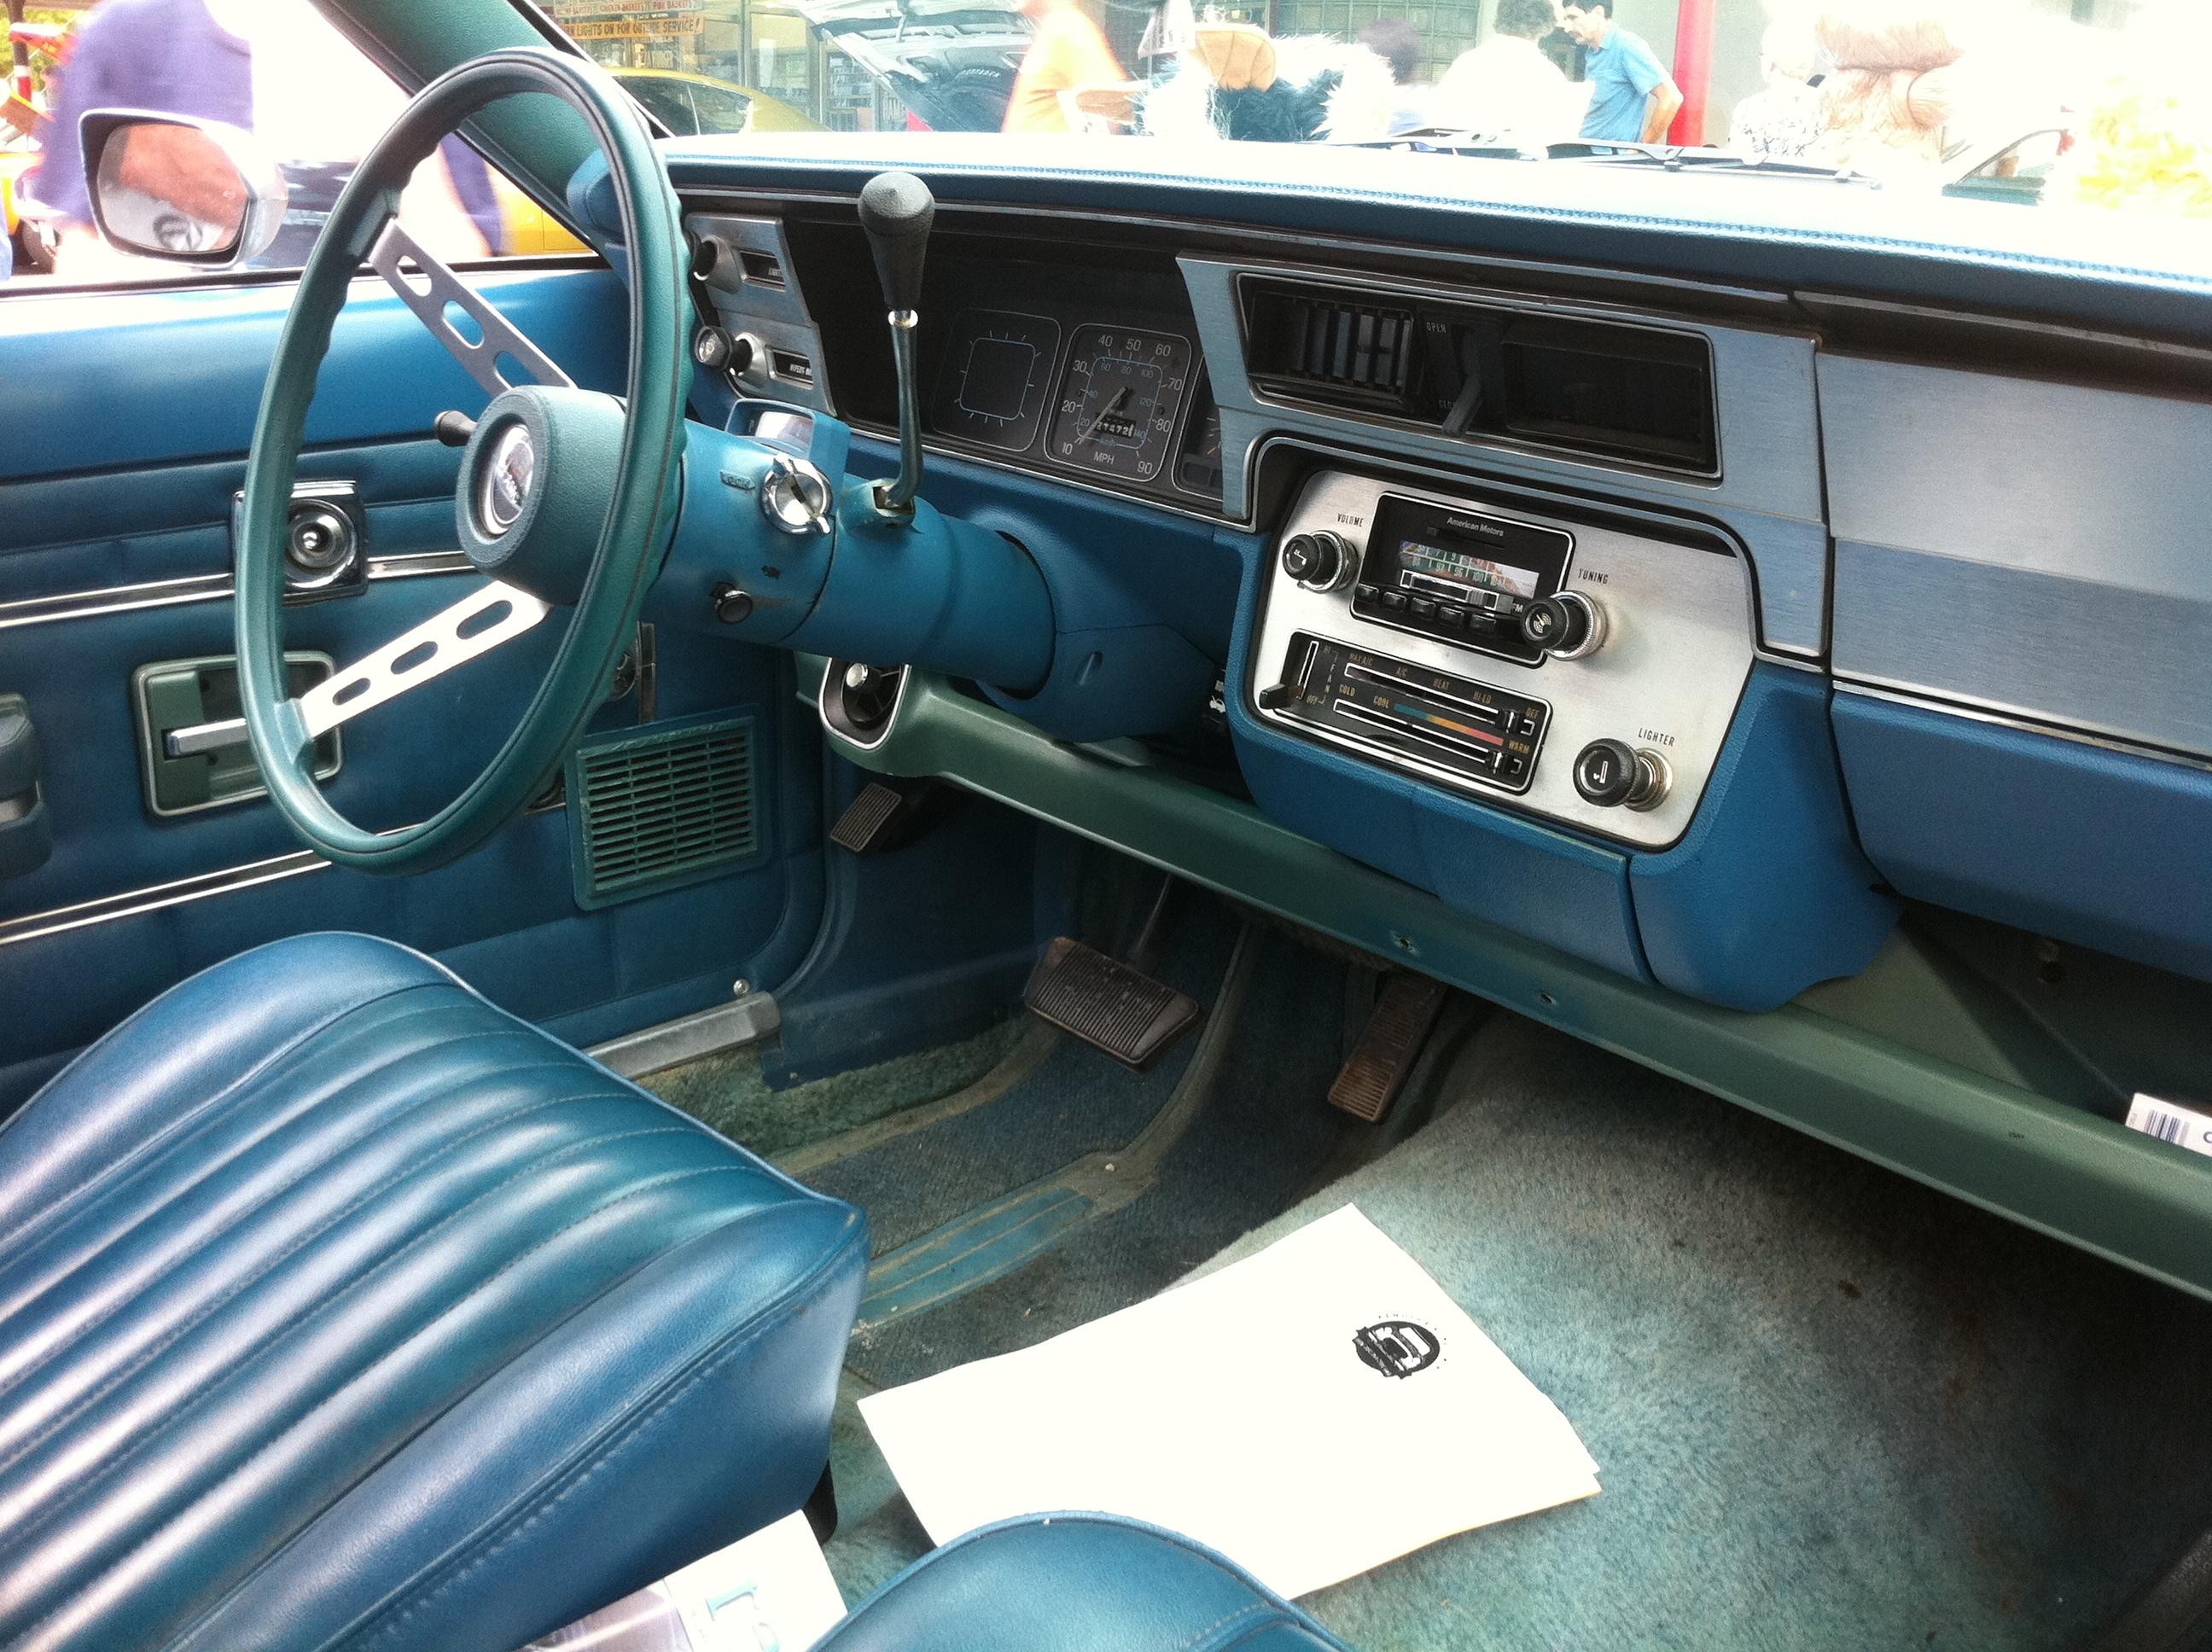 3dtuning Of Amc Gremlin X 3 Door Hatchback 1970 3dtuning